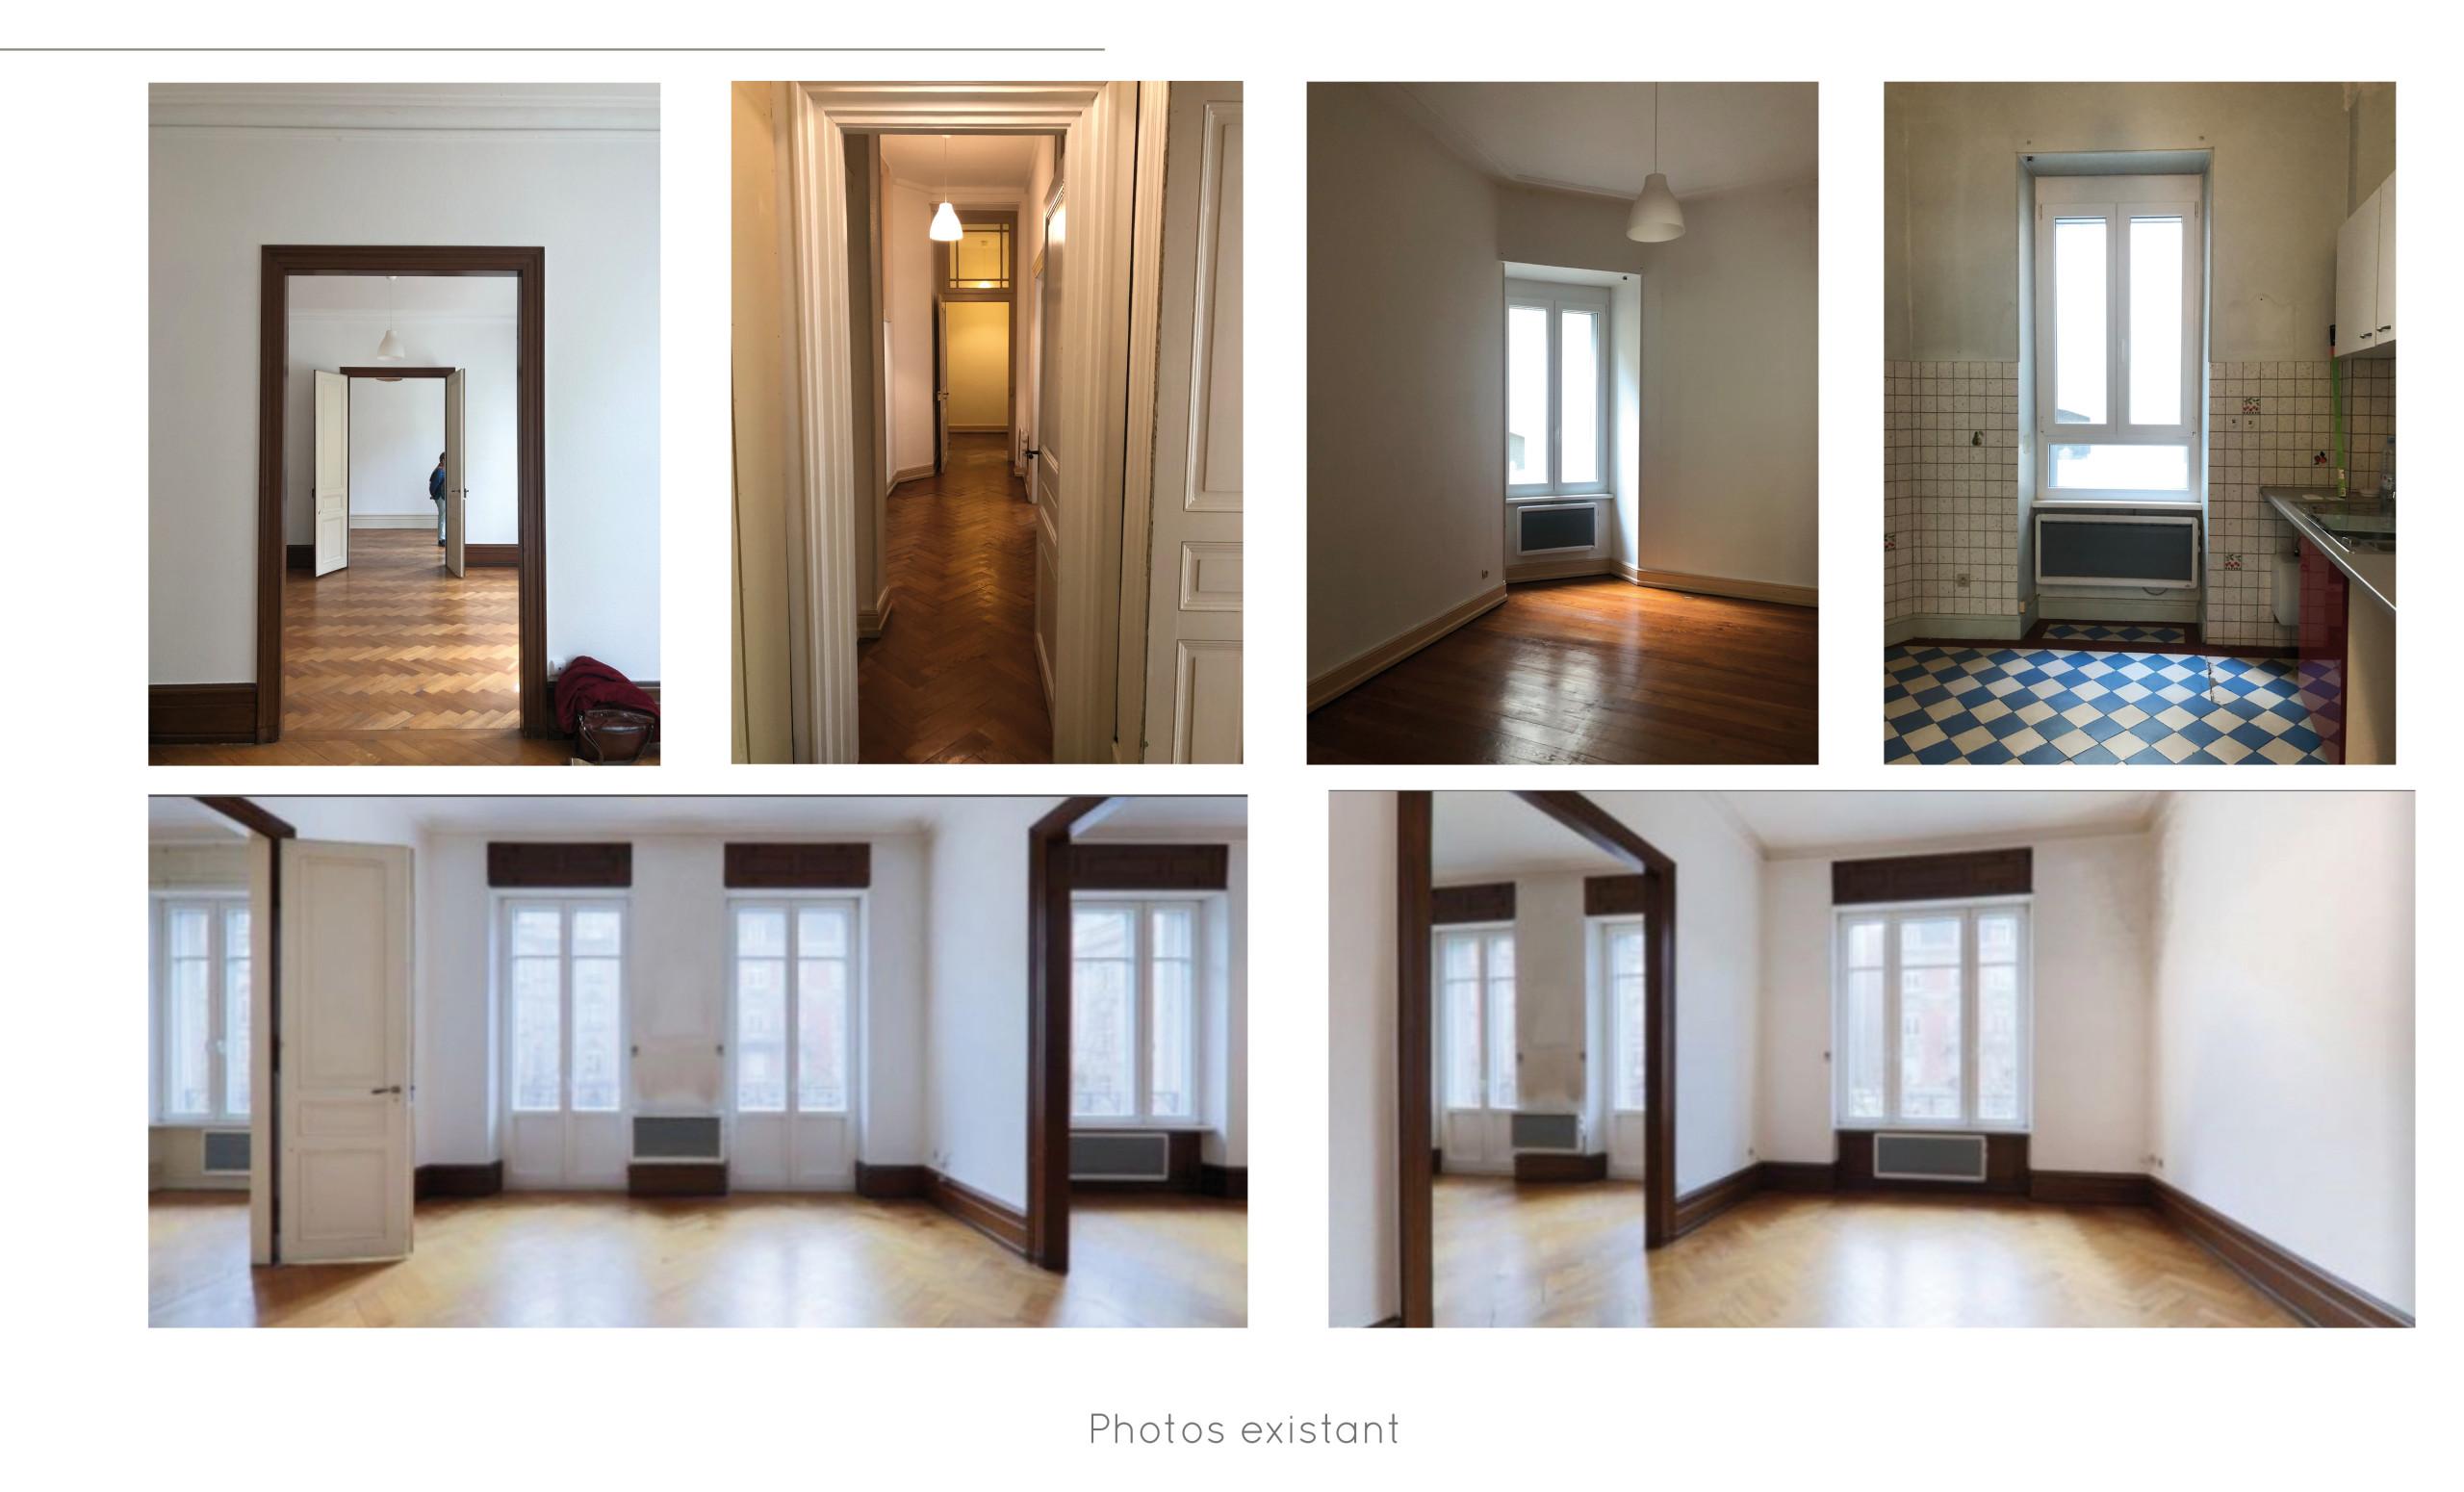 Appartement C - Photos avant